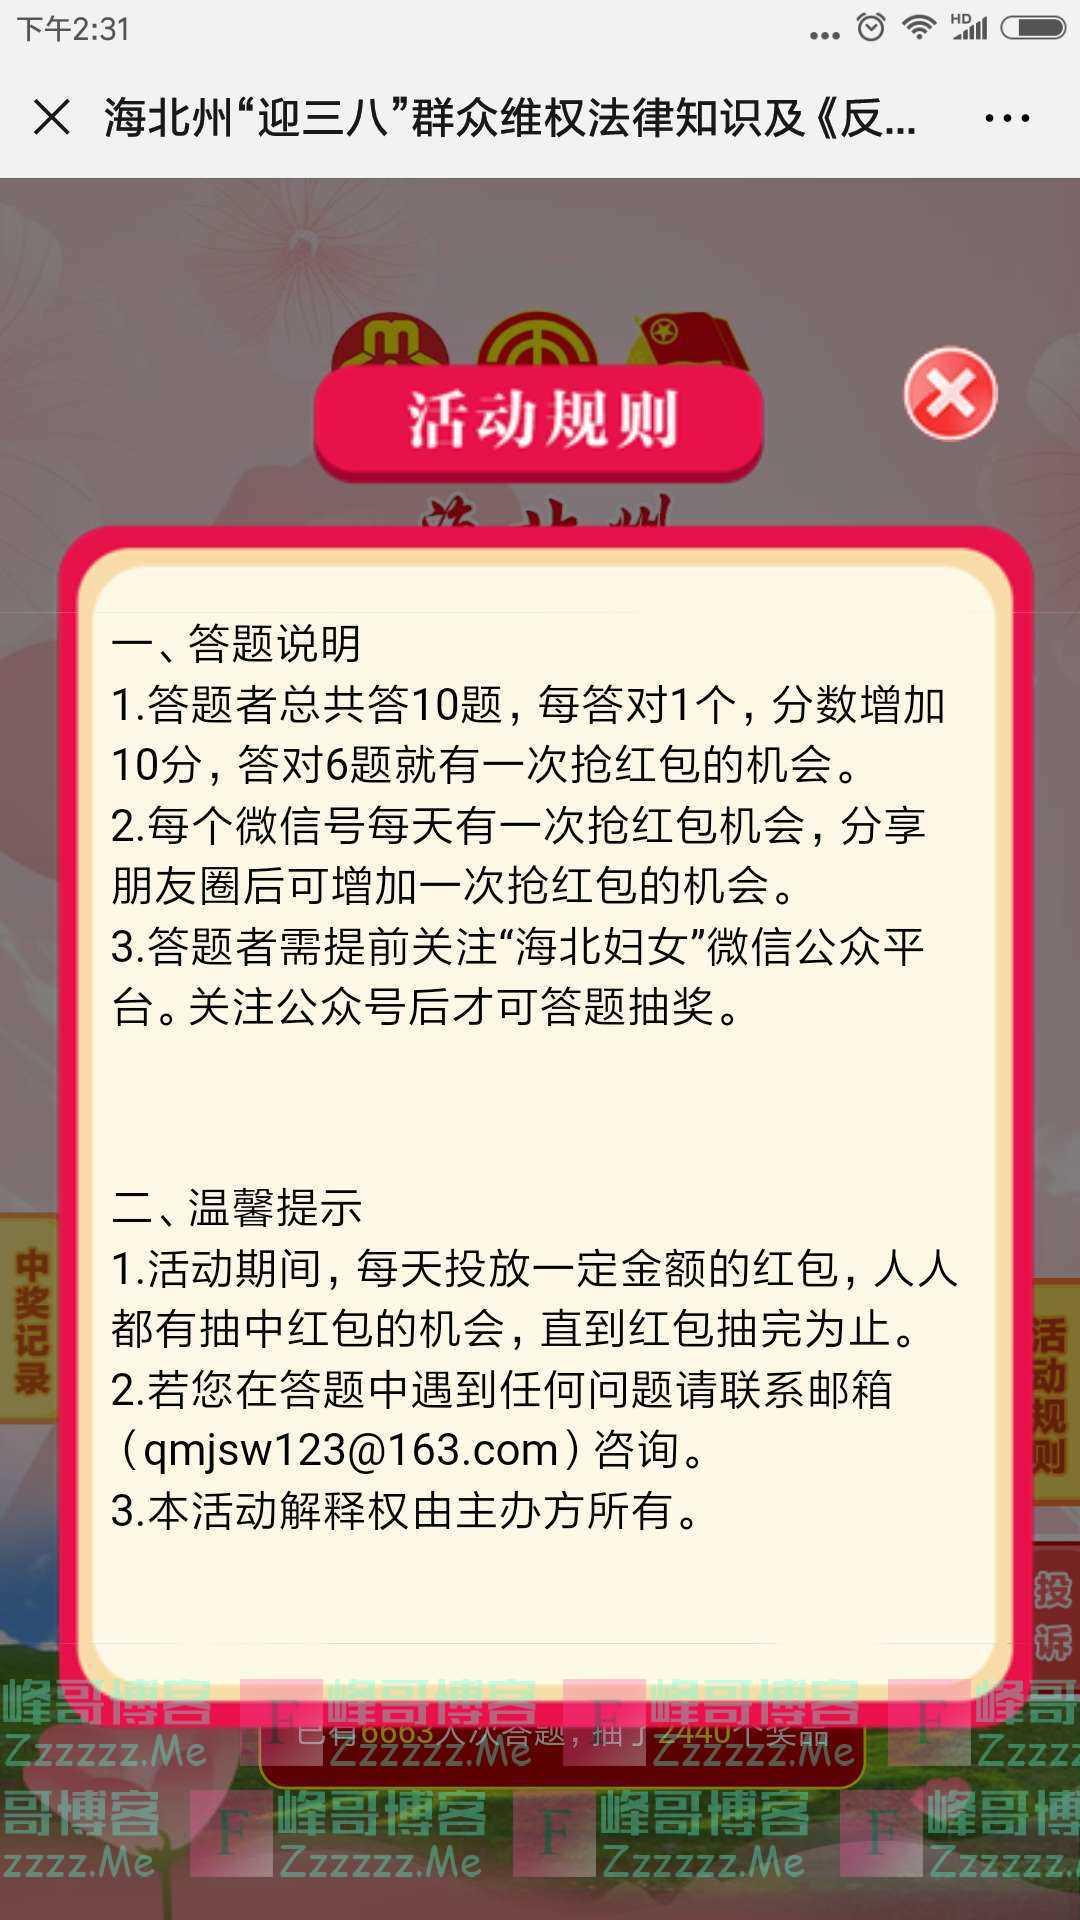 海北妇女迎三八群众维权法律知识竞答(截止3月15日)